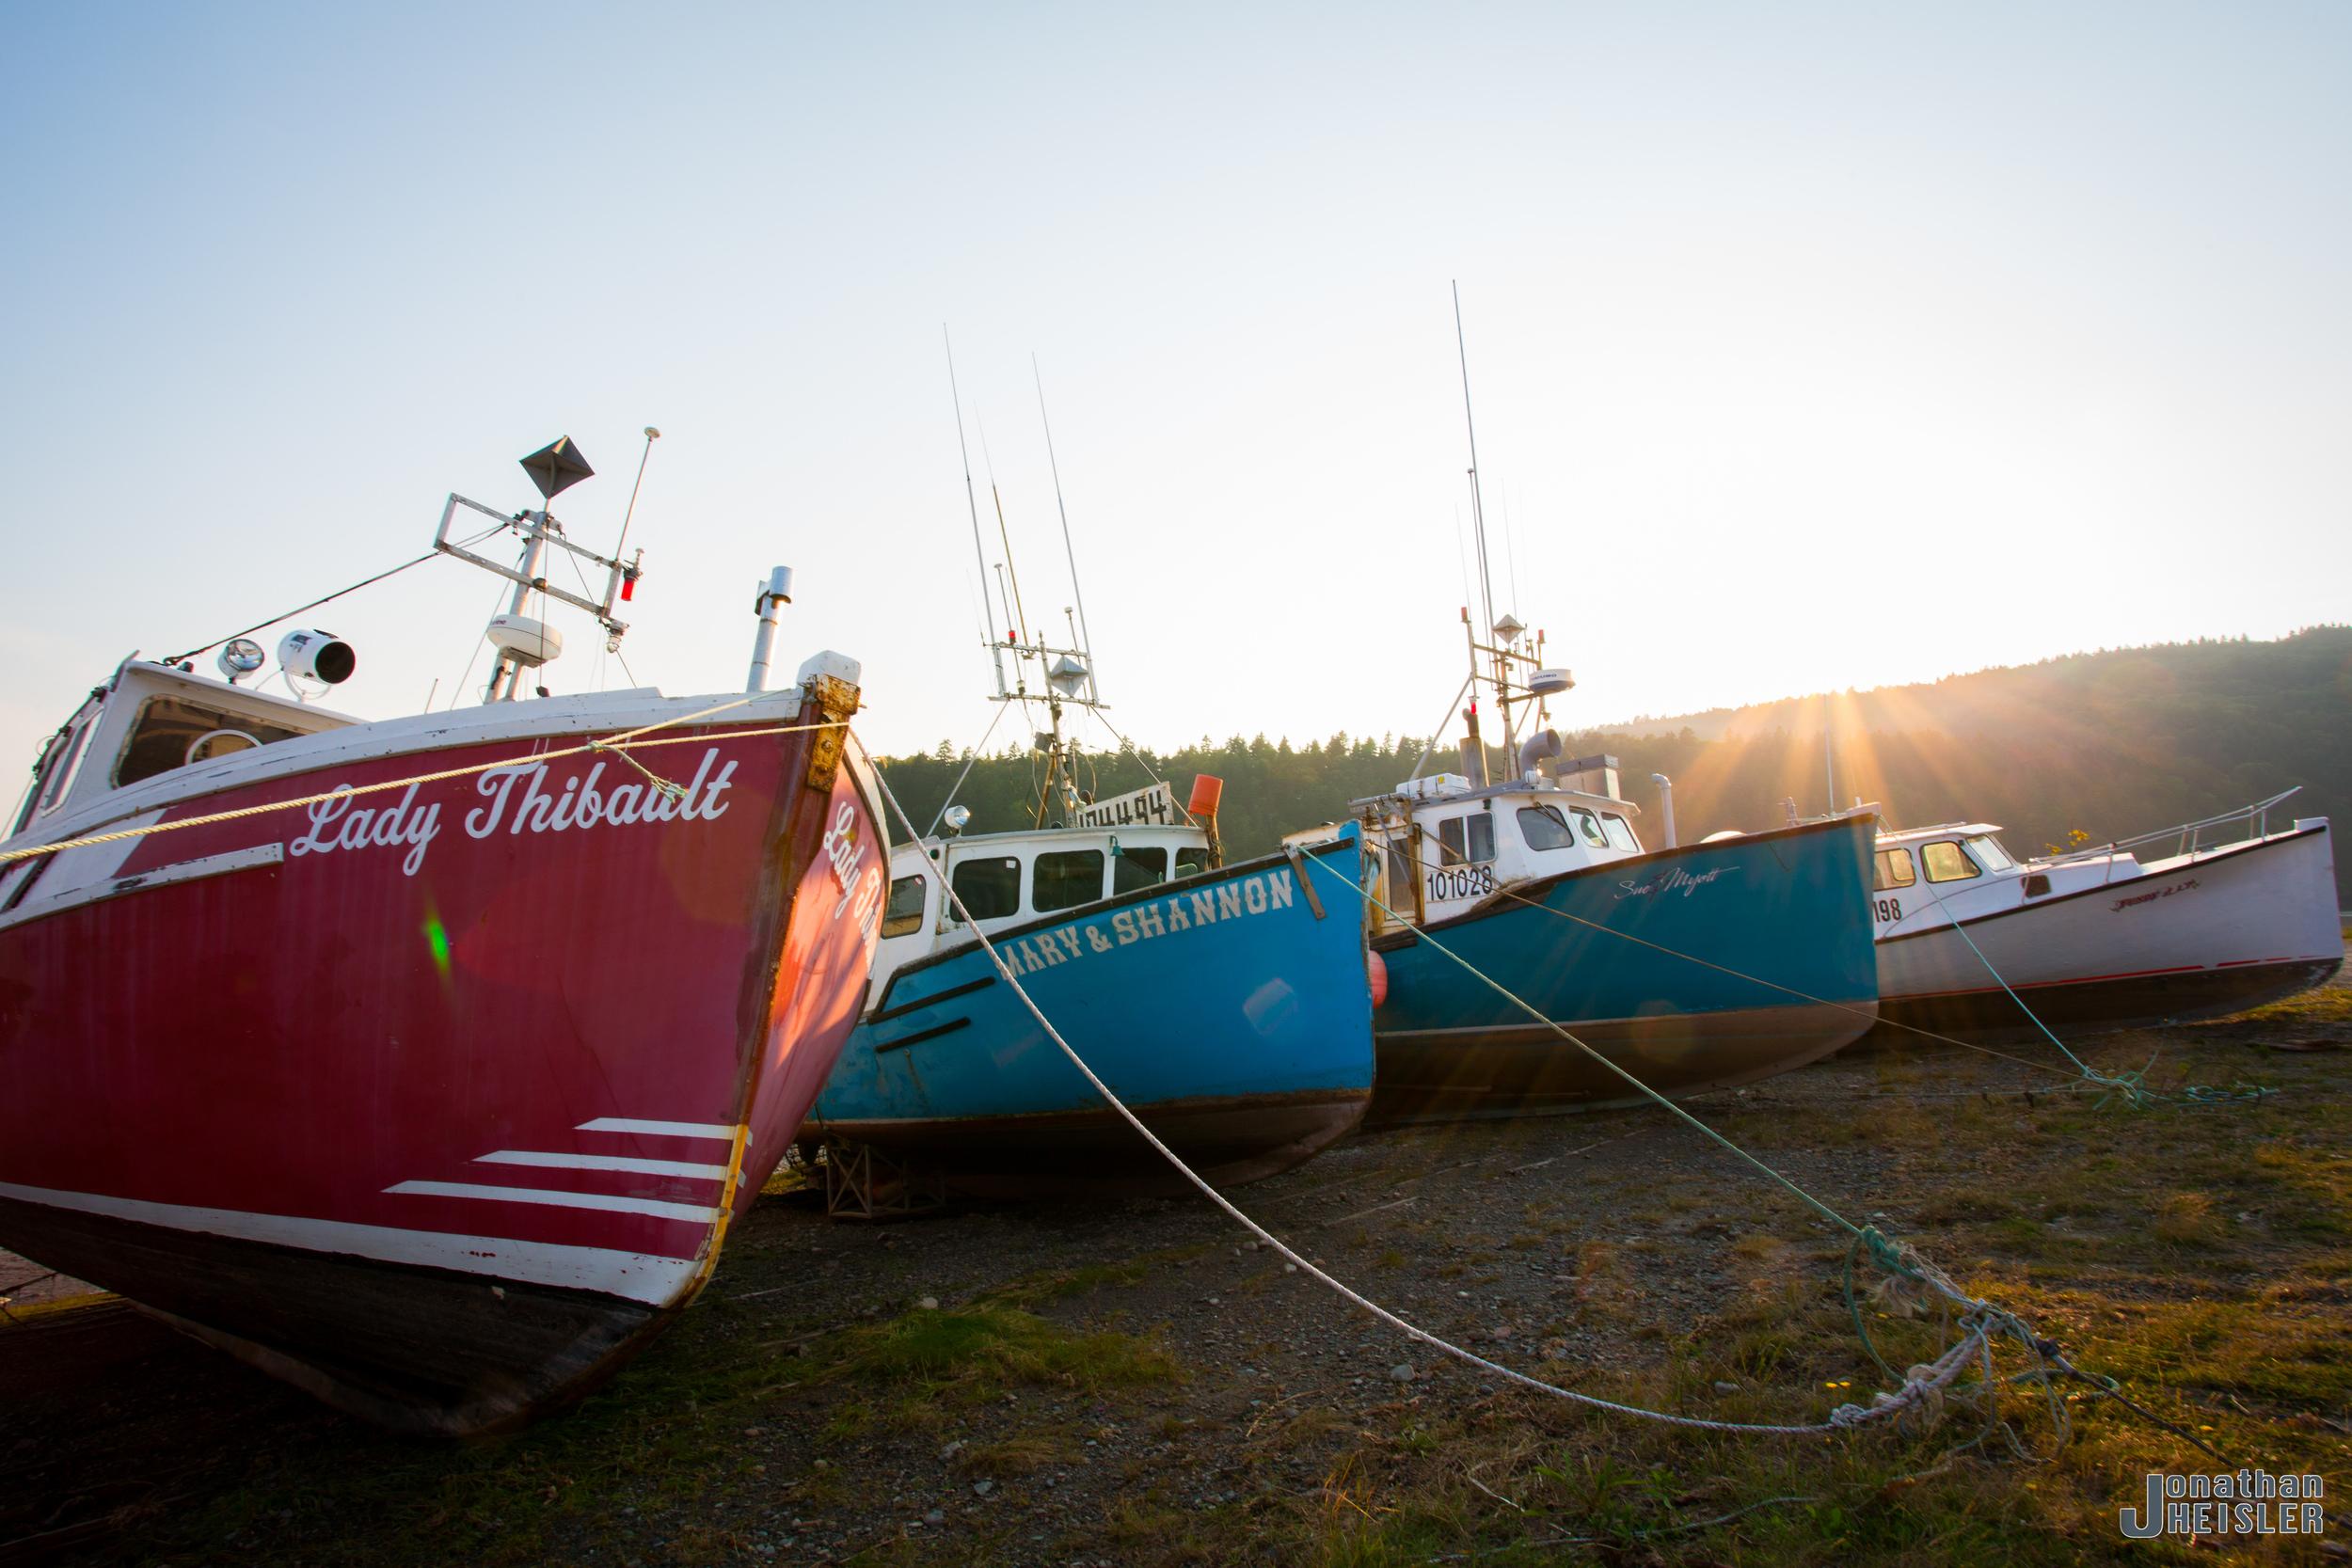 Fundy National Park  _  Jonathan Heisler _ 8.22.2013 _ 00003.jpg